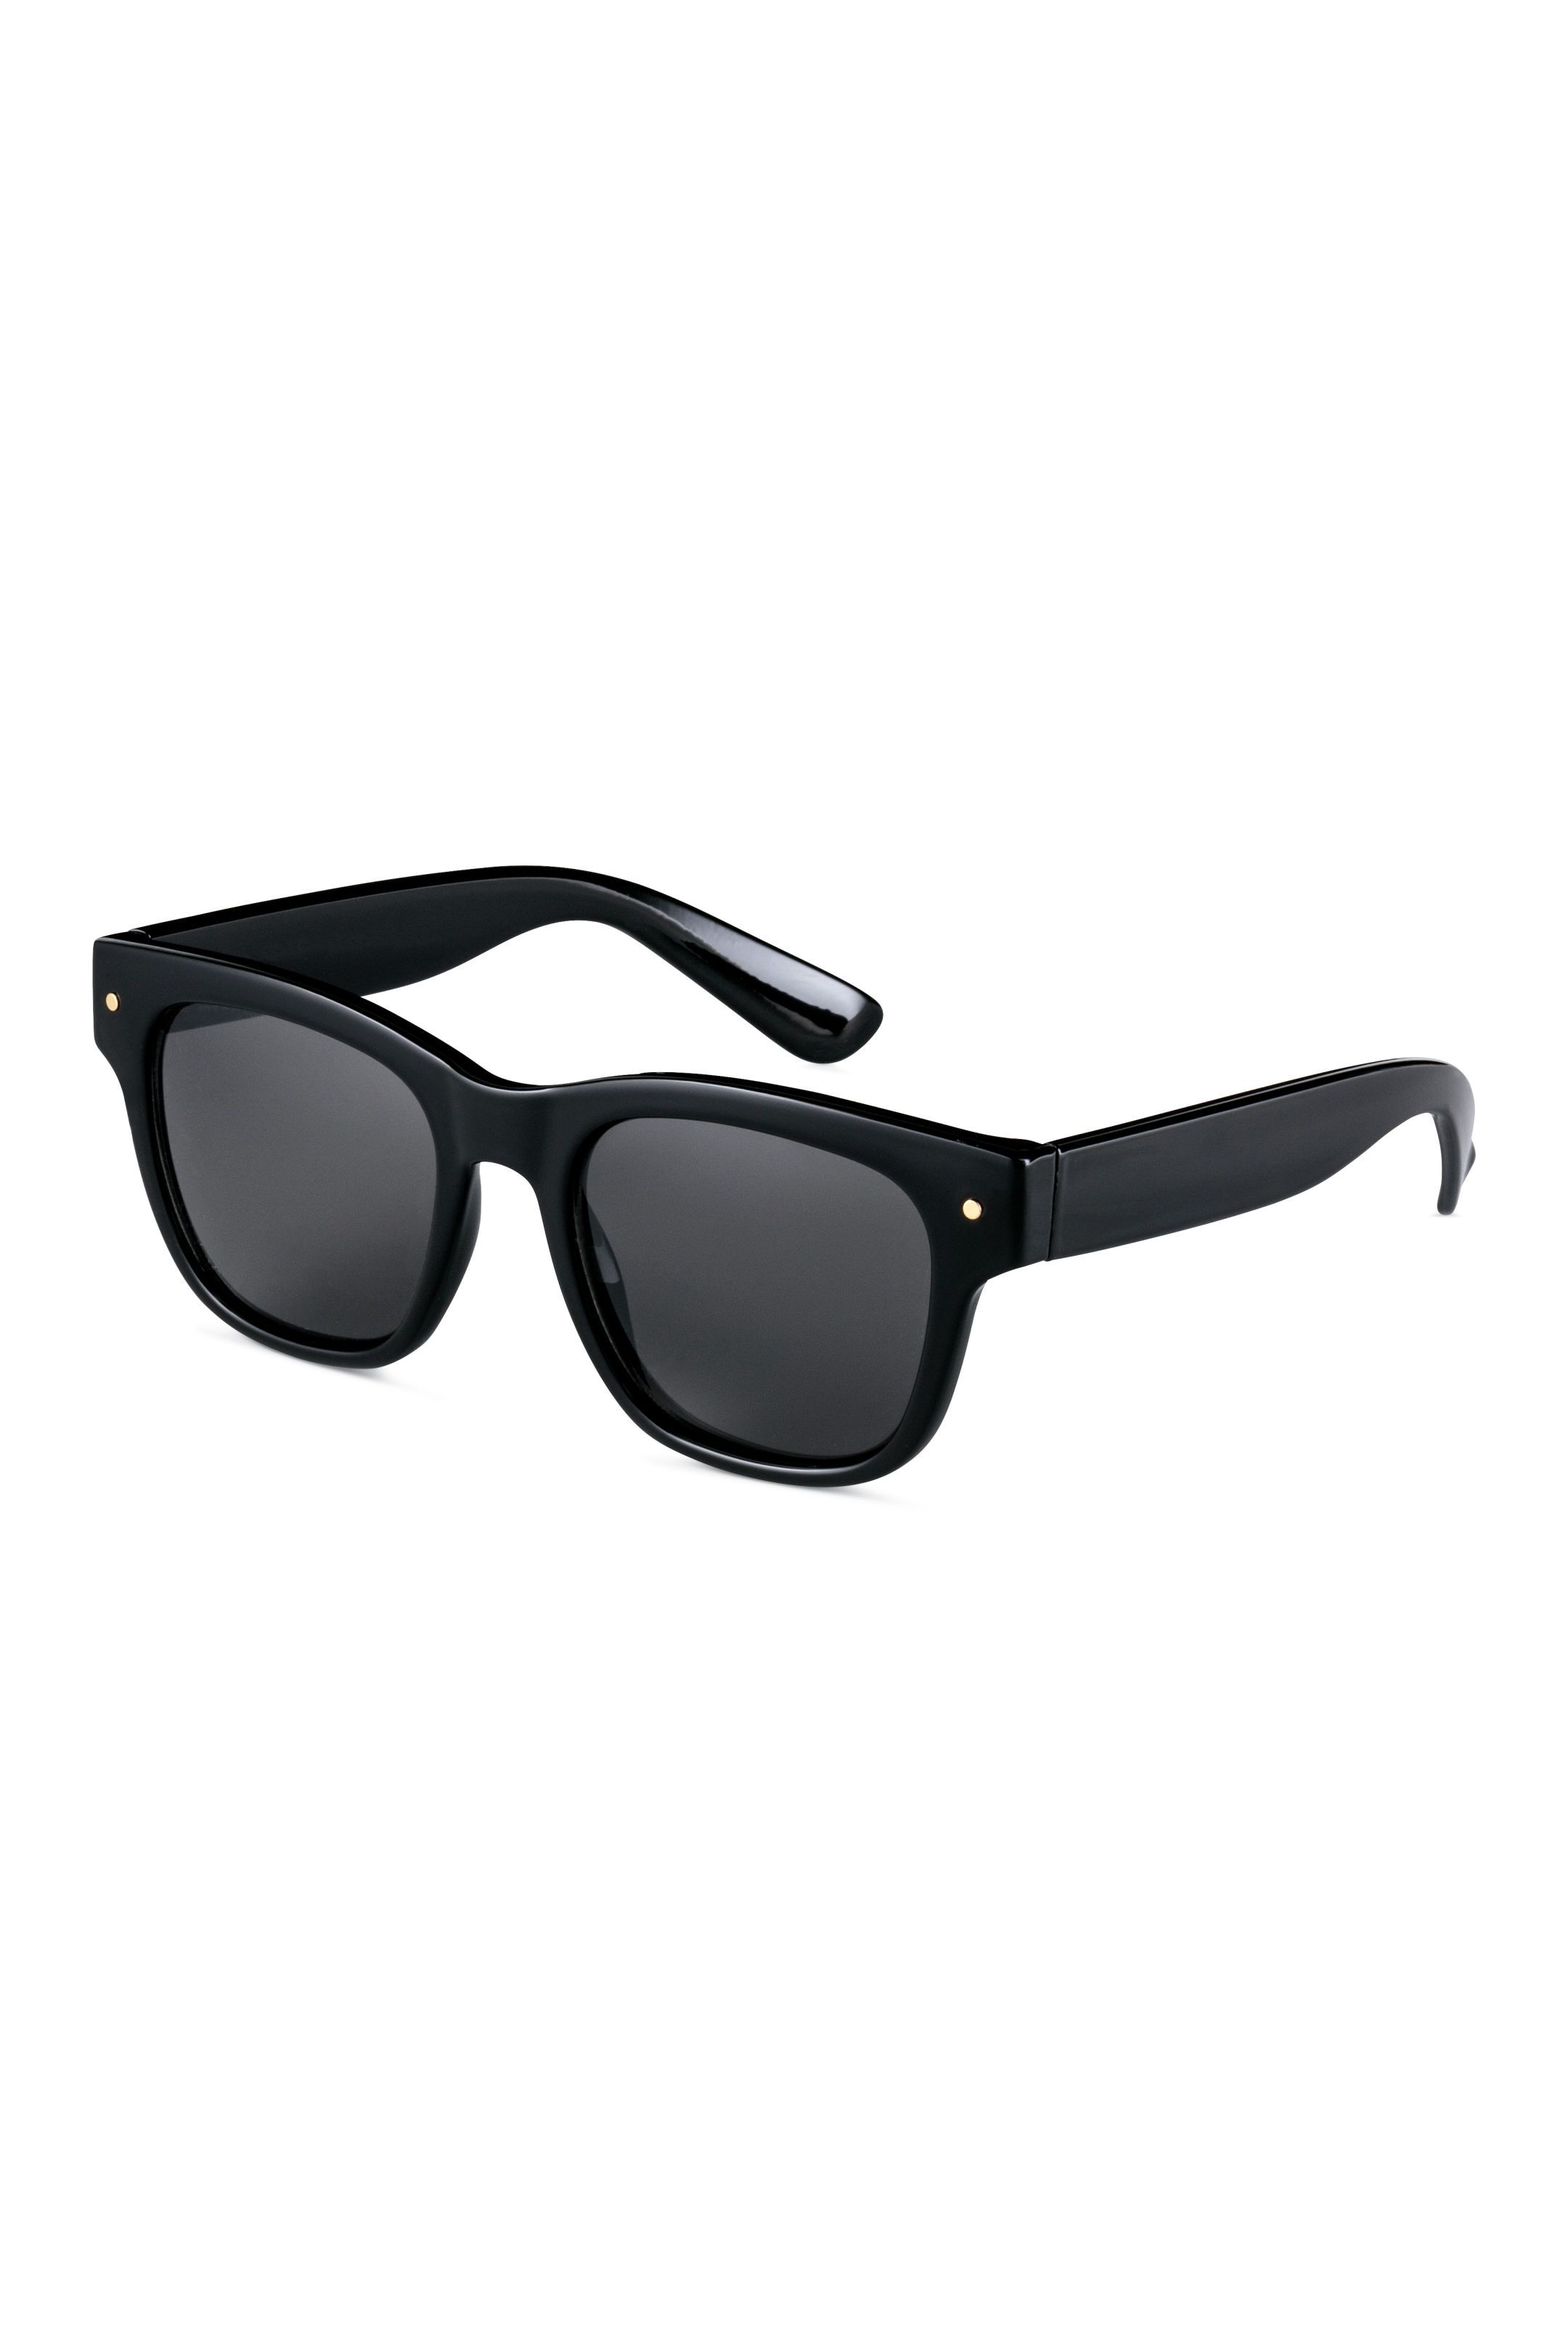 Солнцезащитные очки - Черный - Женщины  72f1d9f1a213b